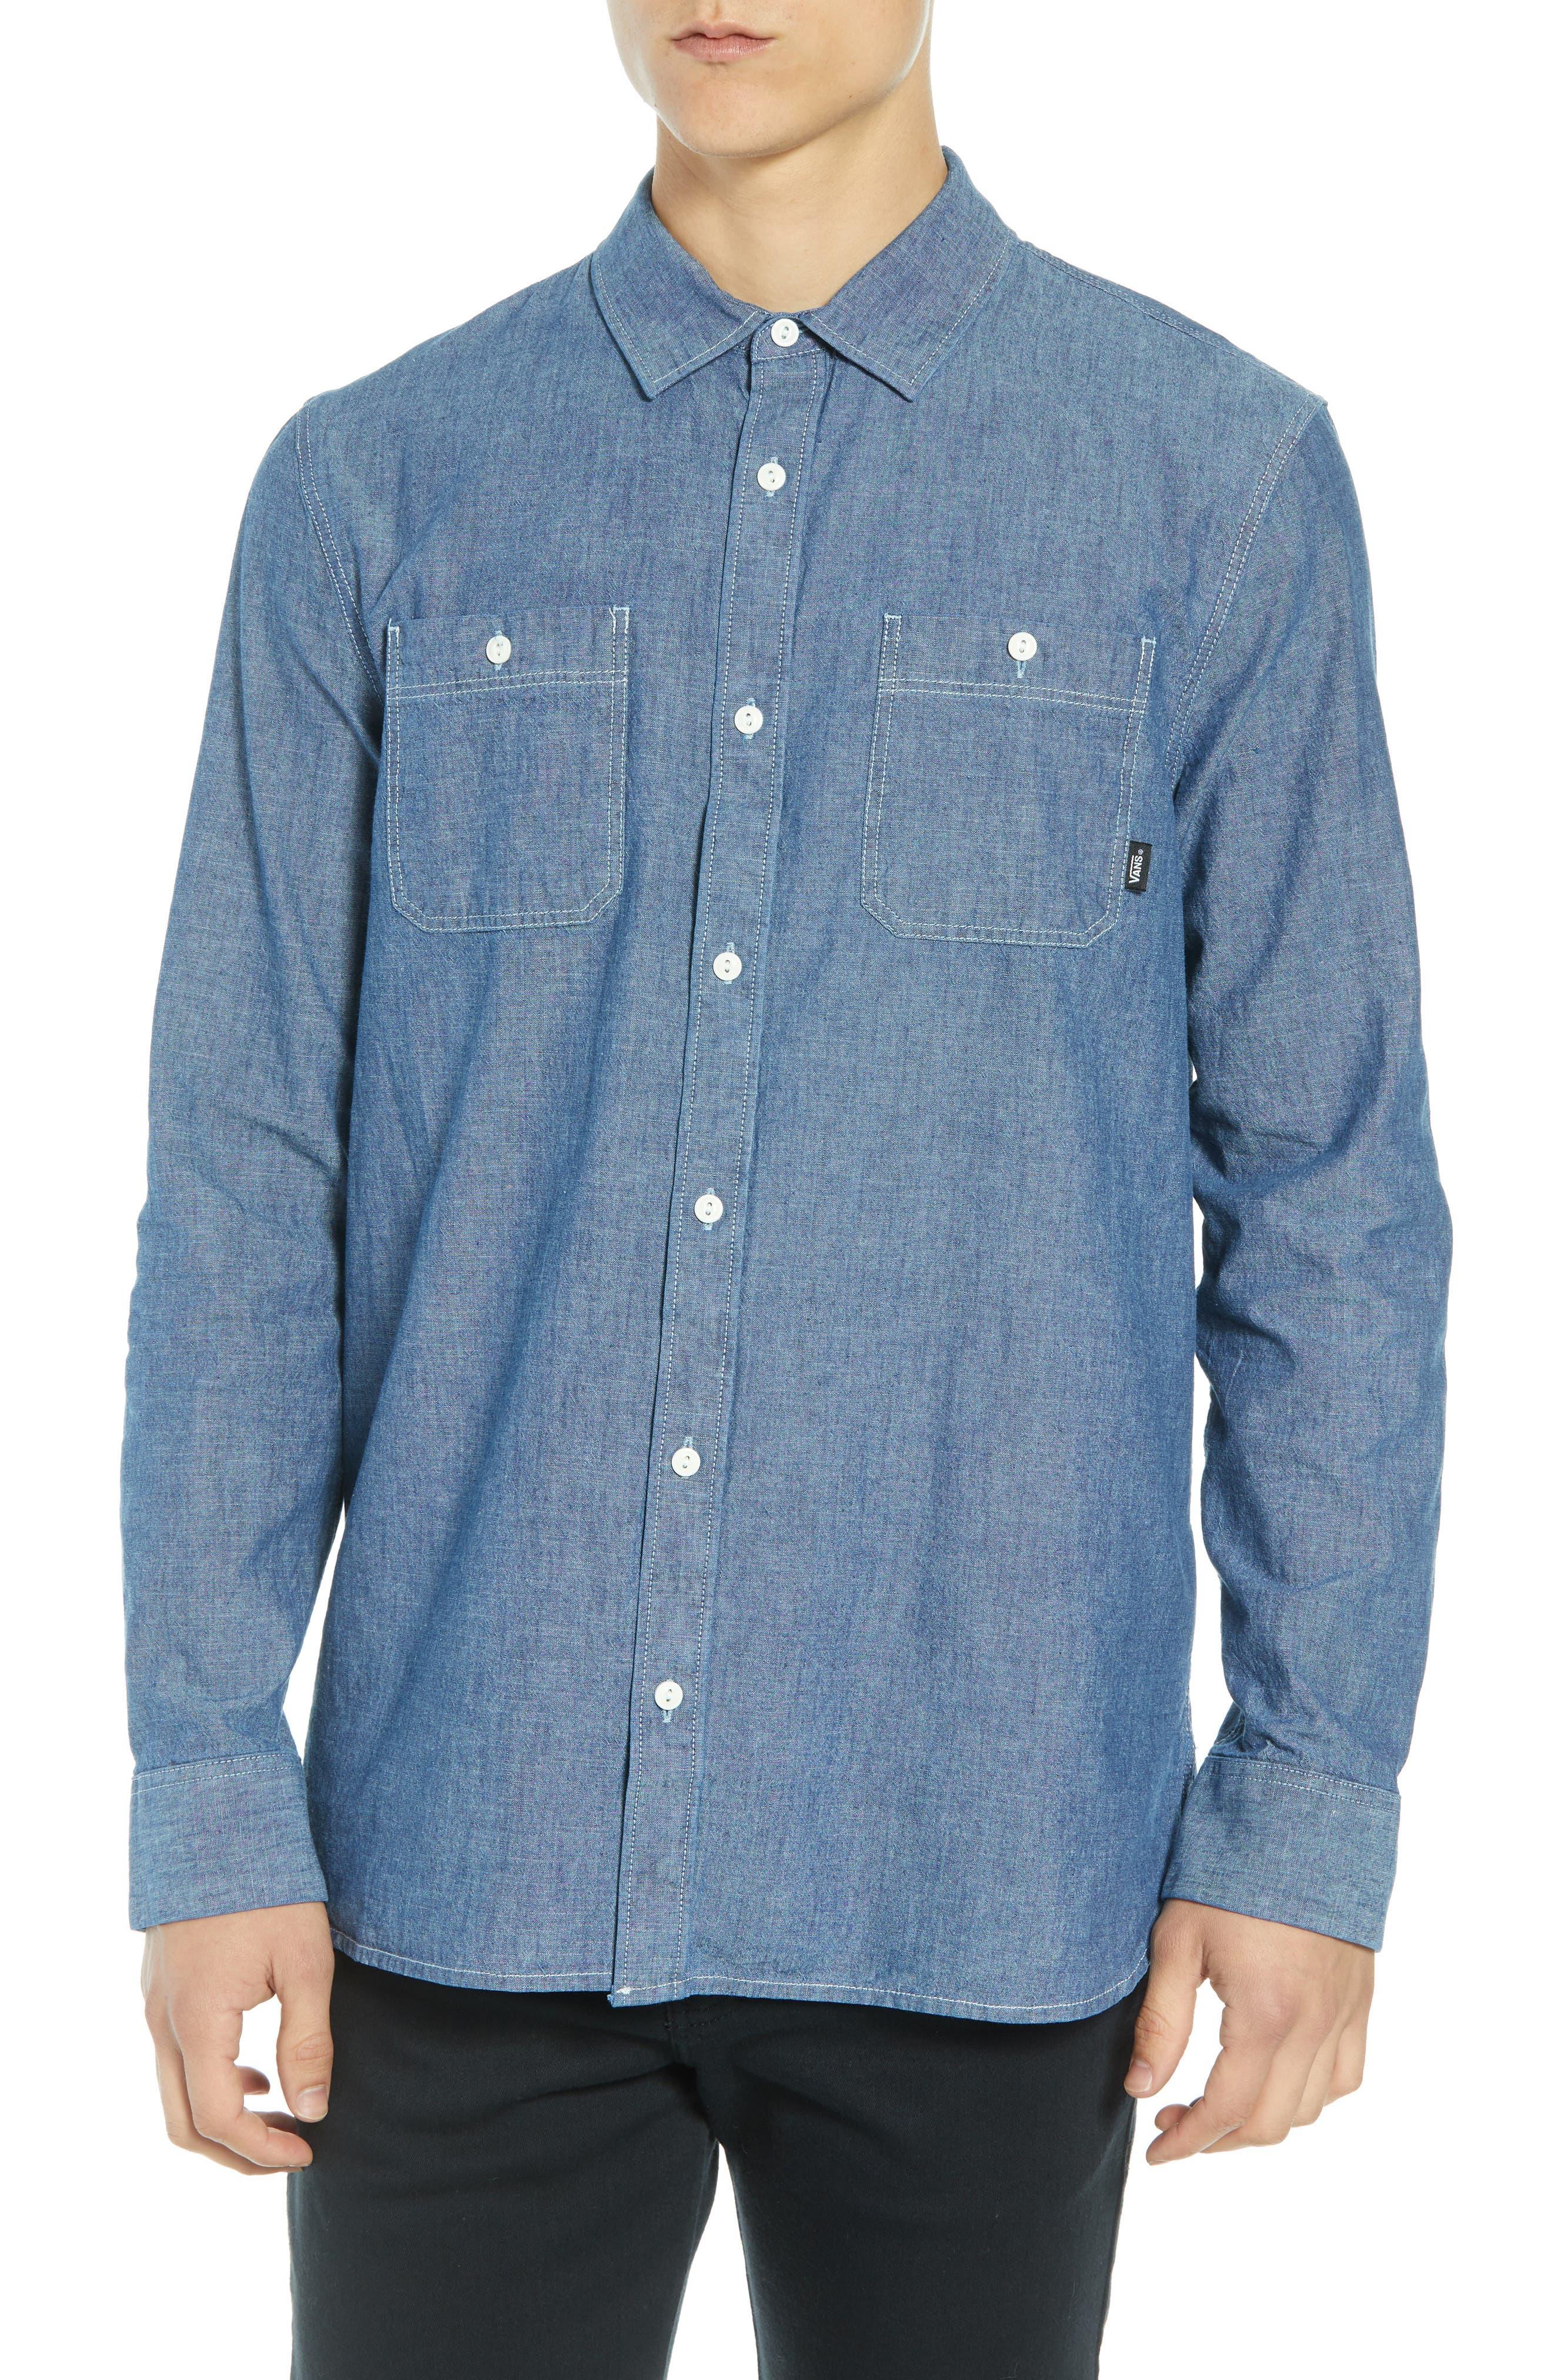 Carlow Chambray Shirt,                         Main,                         color, INDIGO CHAMBRAY